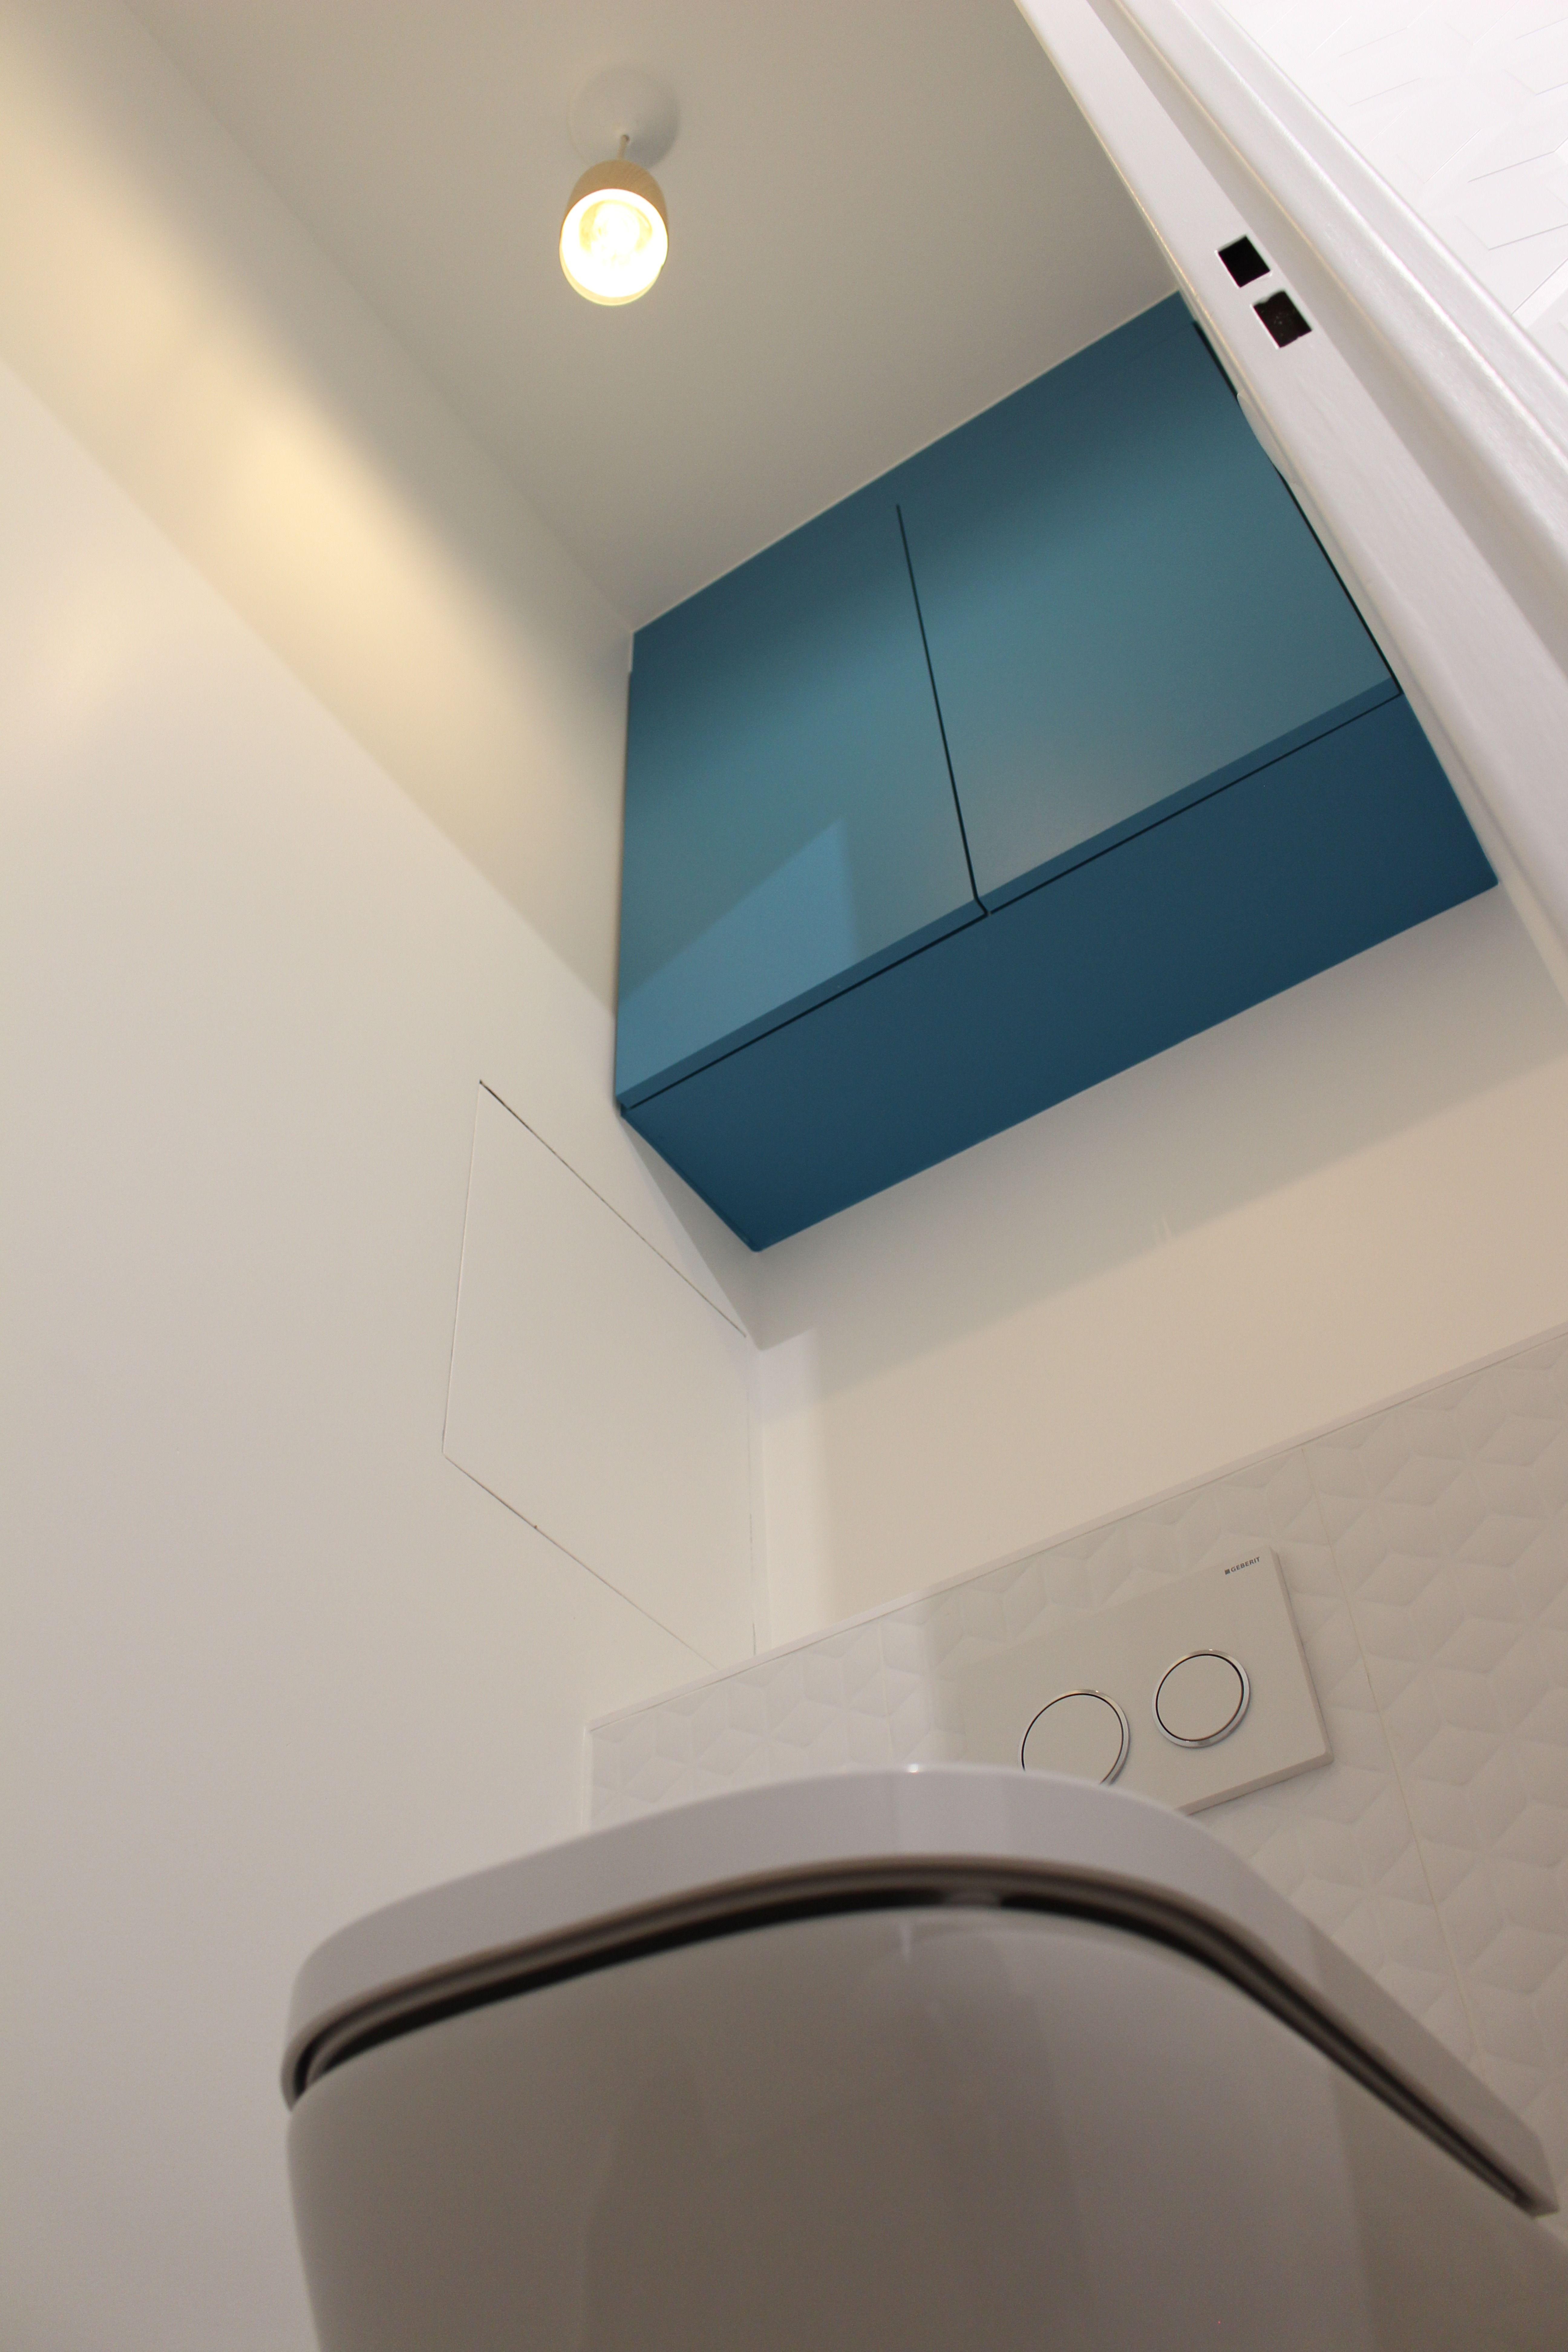 Décorateur D Intérieur Val D Oise wc rénové par nuance d'intérieur. #wc #wcsuspendue #toilette